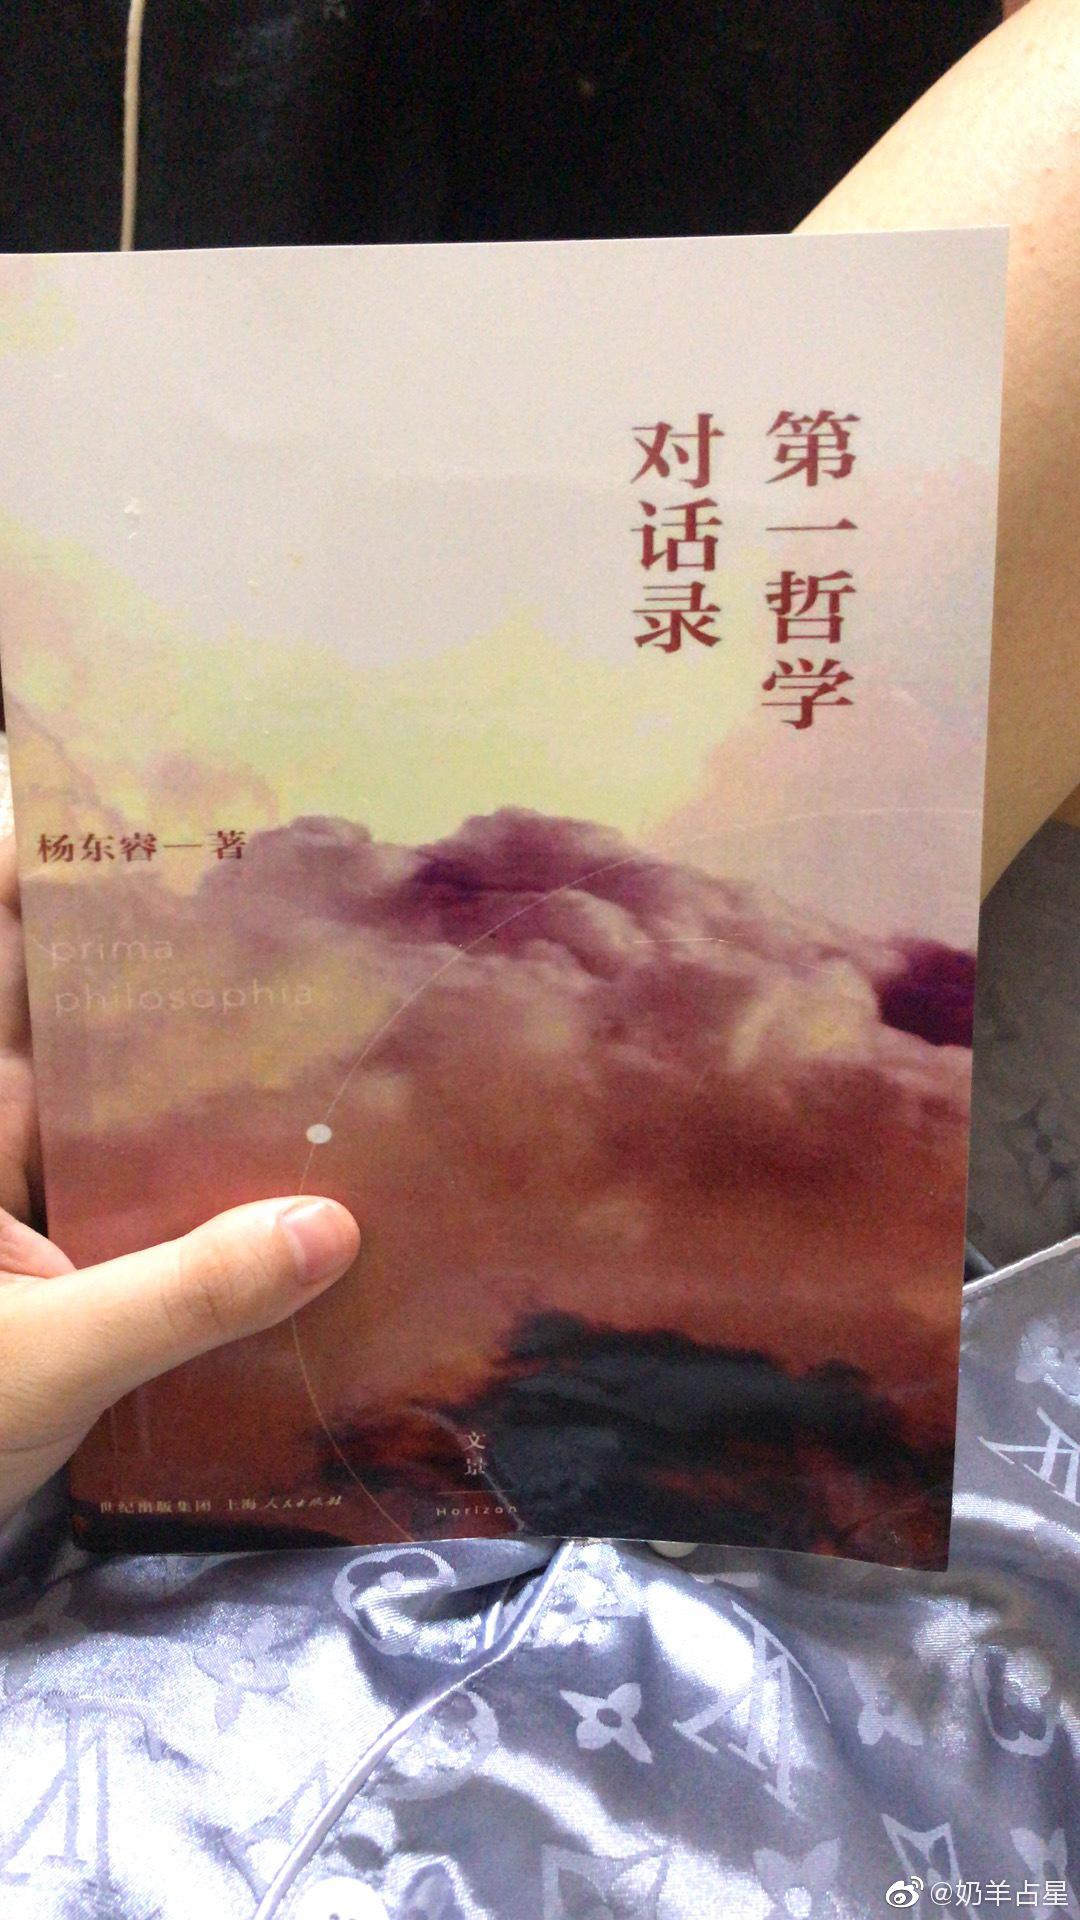 《第一哲学对话录》强烈推荐这本书!